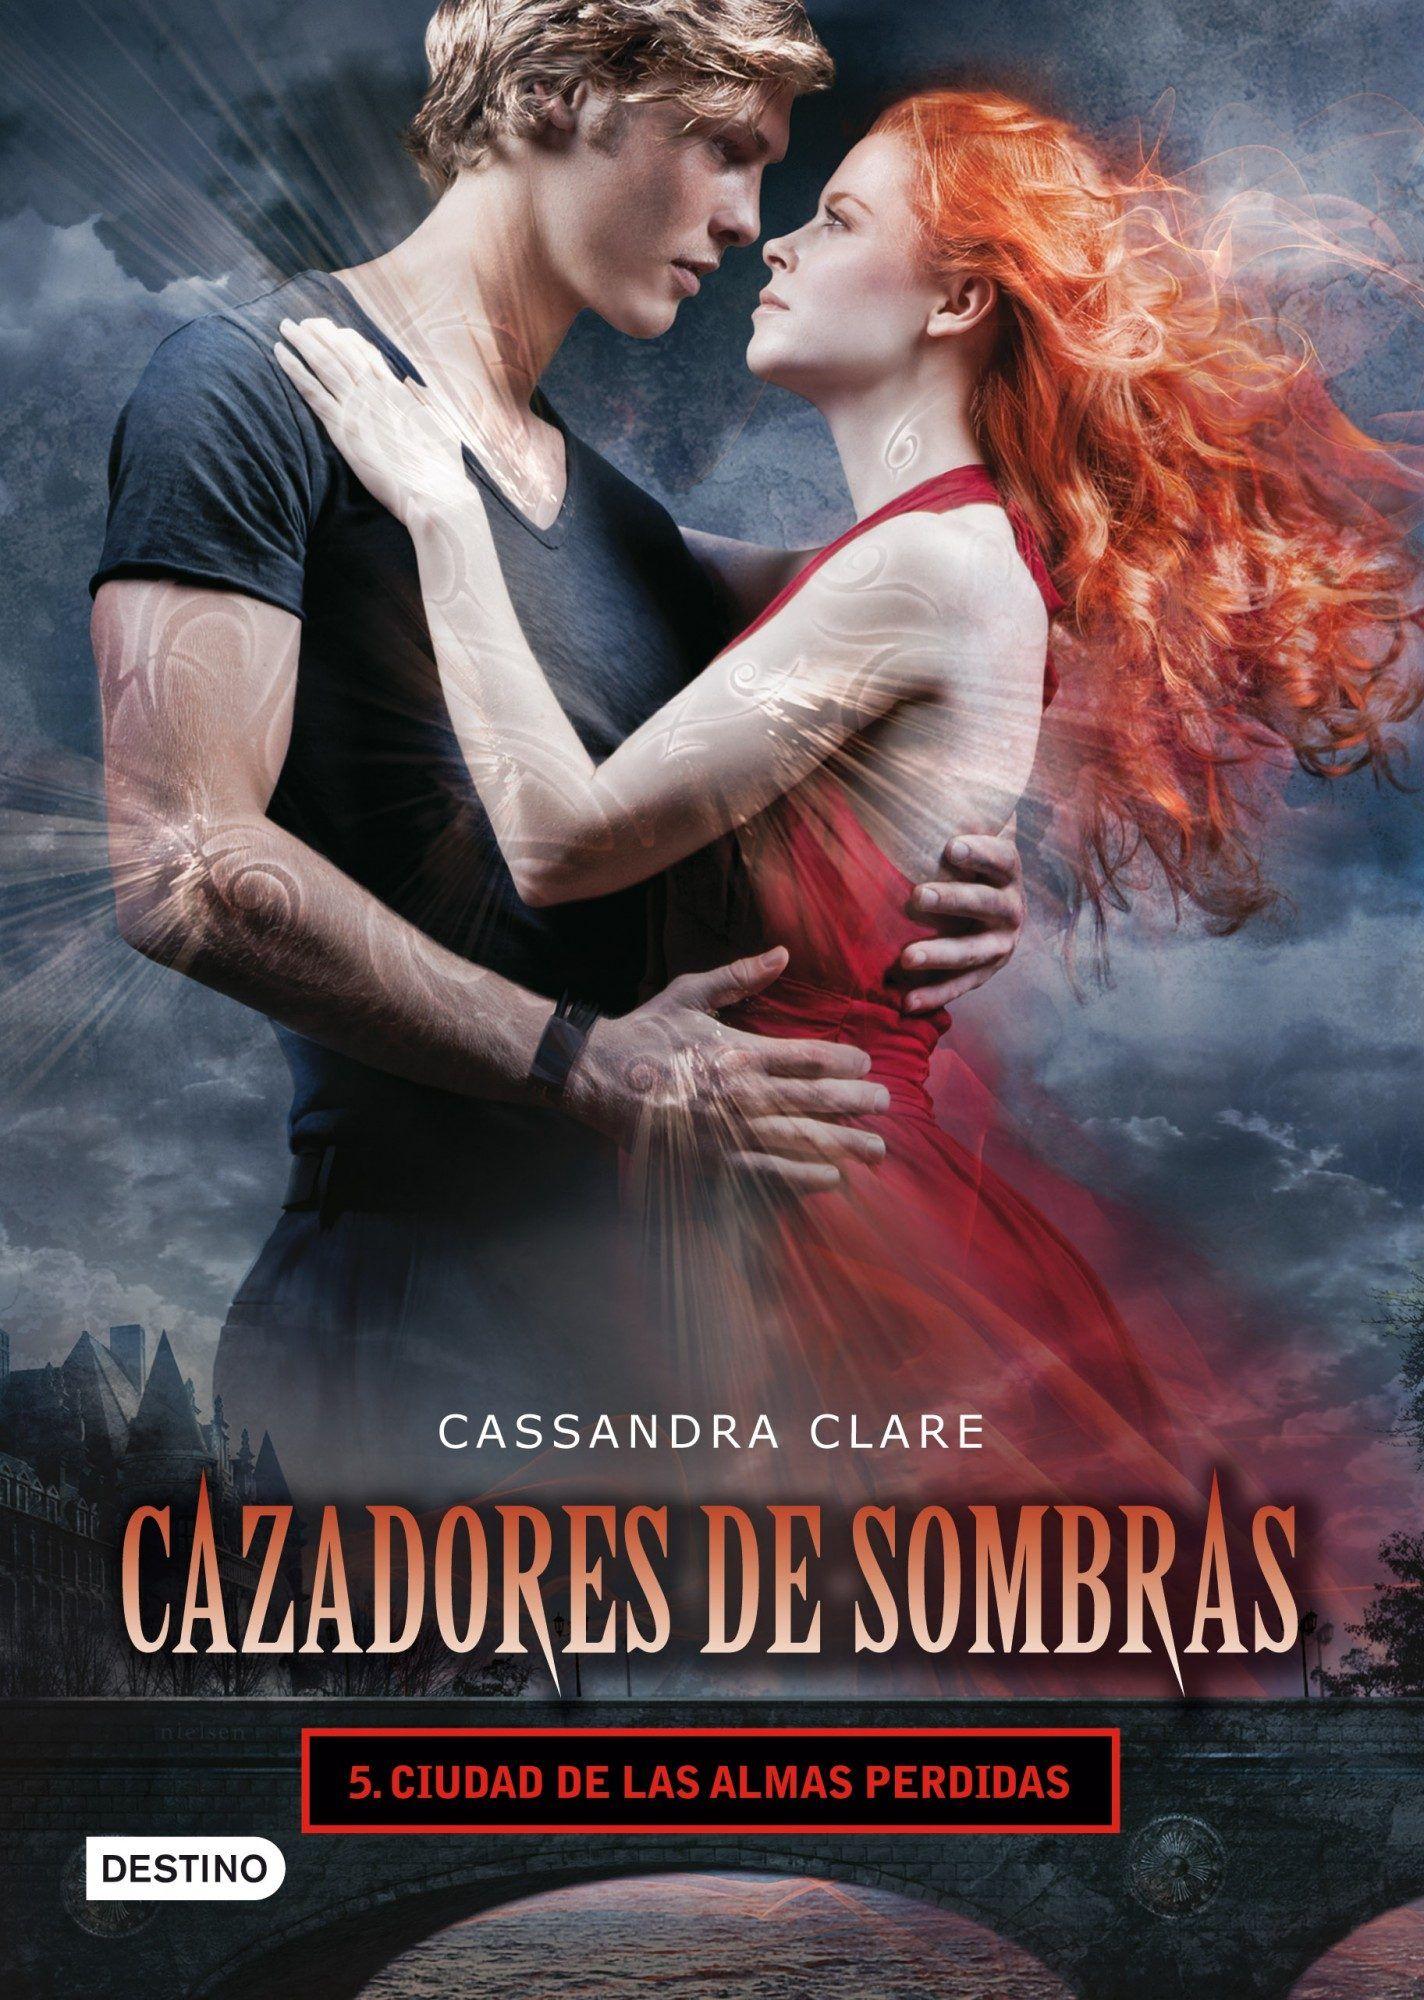 Descarga Ciudad De Las Almas Perdidas Cazadores De Sombras 5 Cassandra Clare Https Ift Cazadores De Sombras Cazadores De Sombras Libros Cassandra Clare